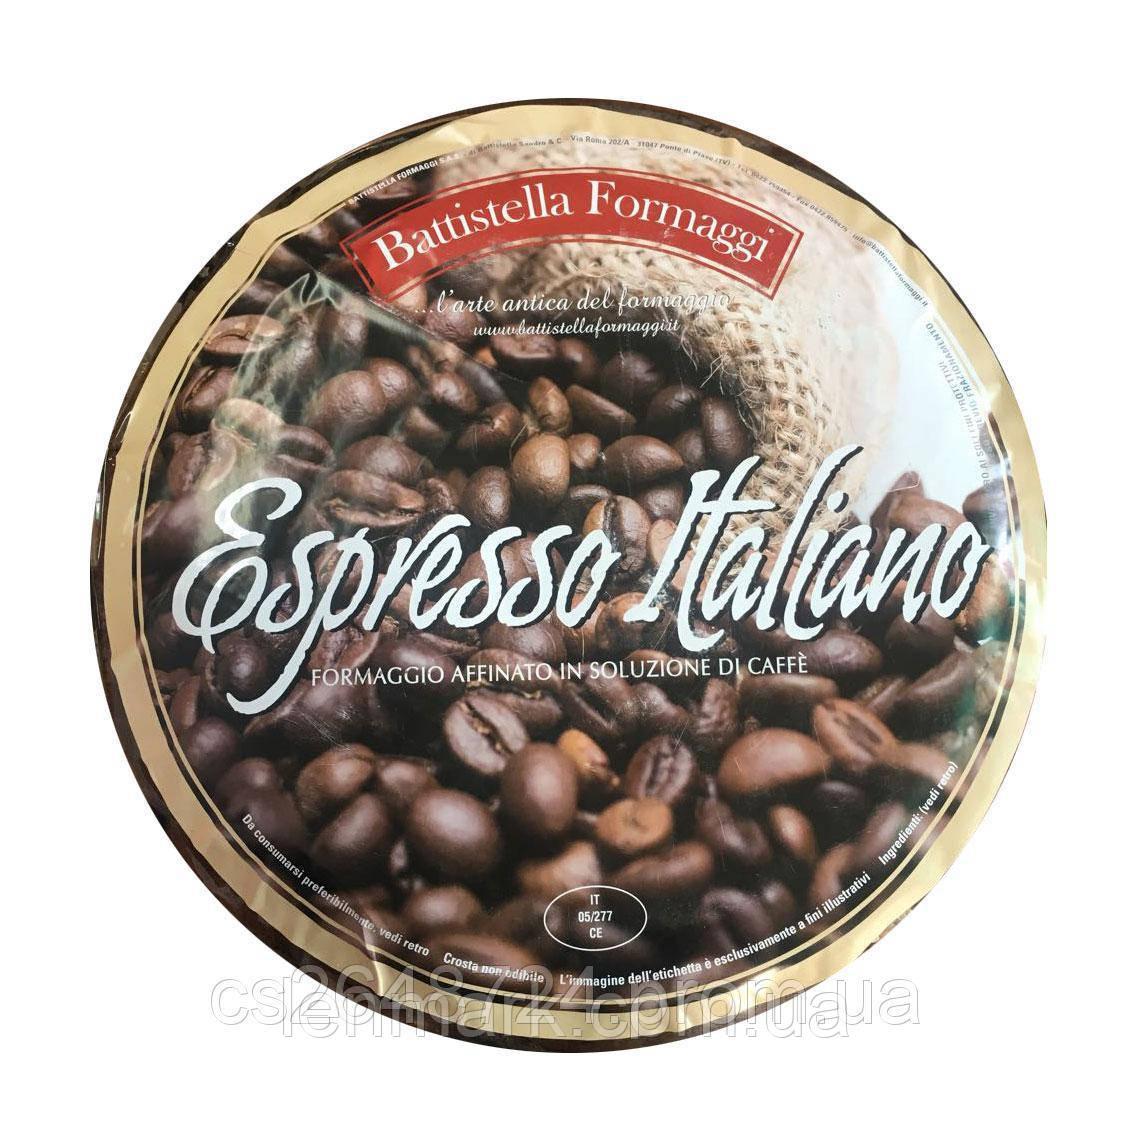 Сыр твердый Battistella Formaggi Espresso Italiano выдержанный в кофе эспрессо